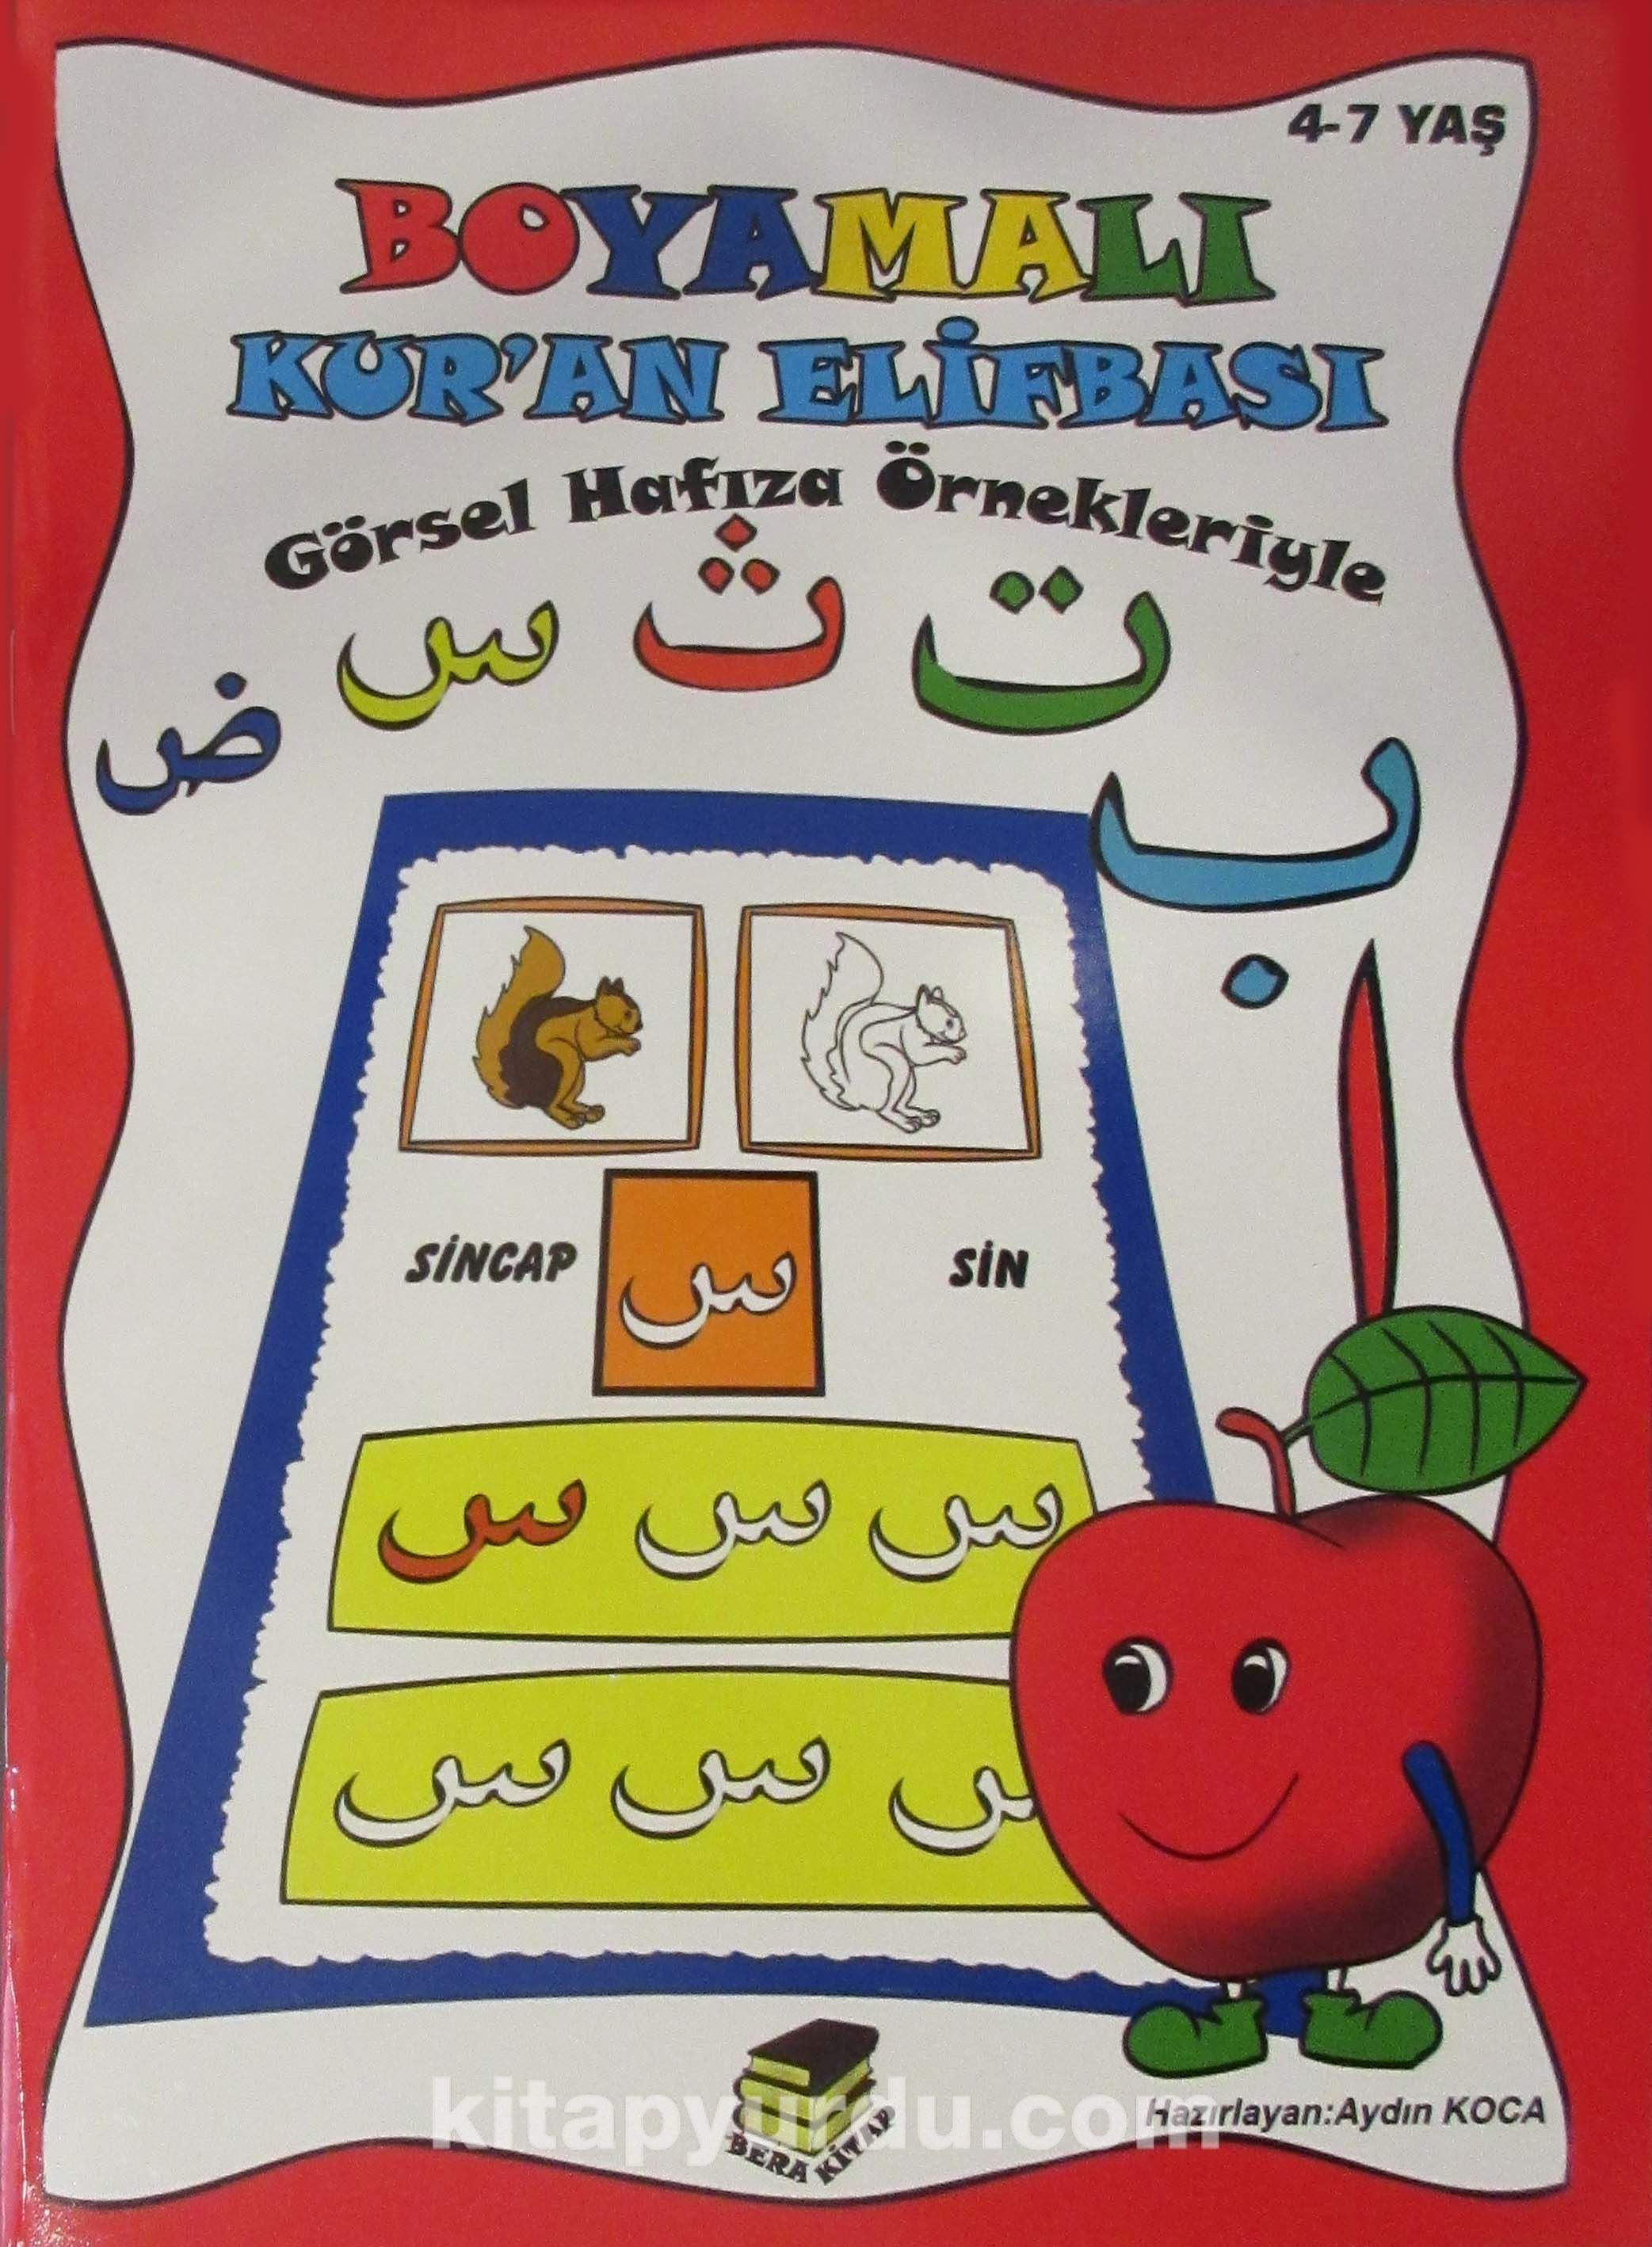 Boyamalı Kur'an Elifbası (Kırmızı)Görsel Hafıza Örnekleriyle